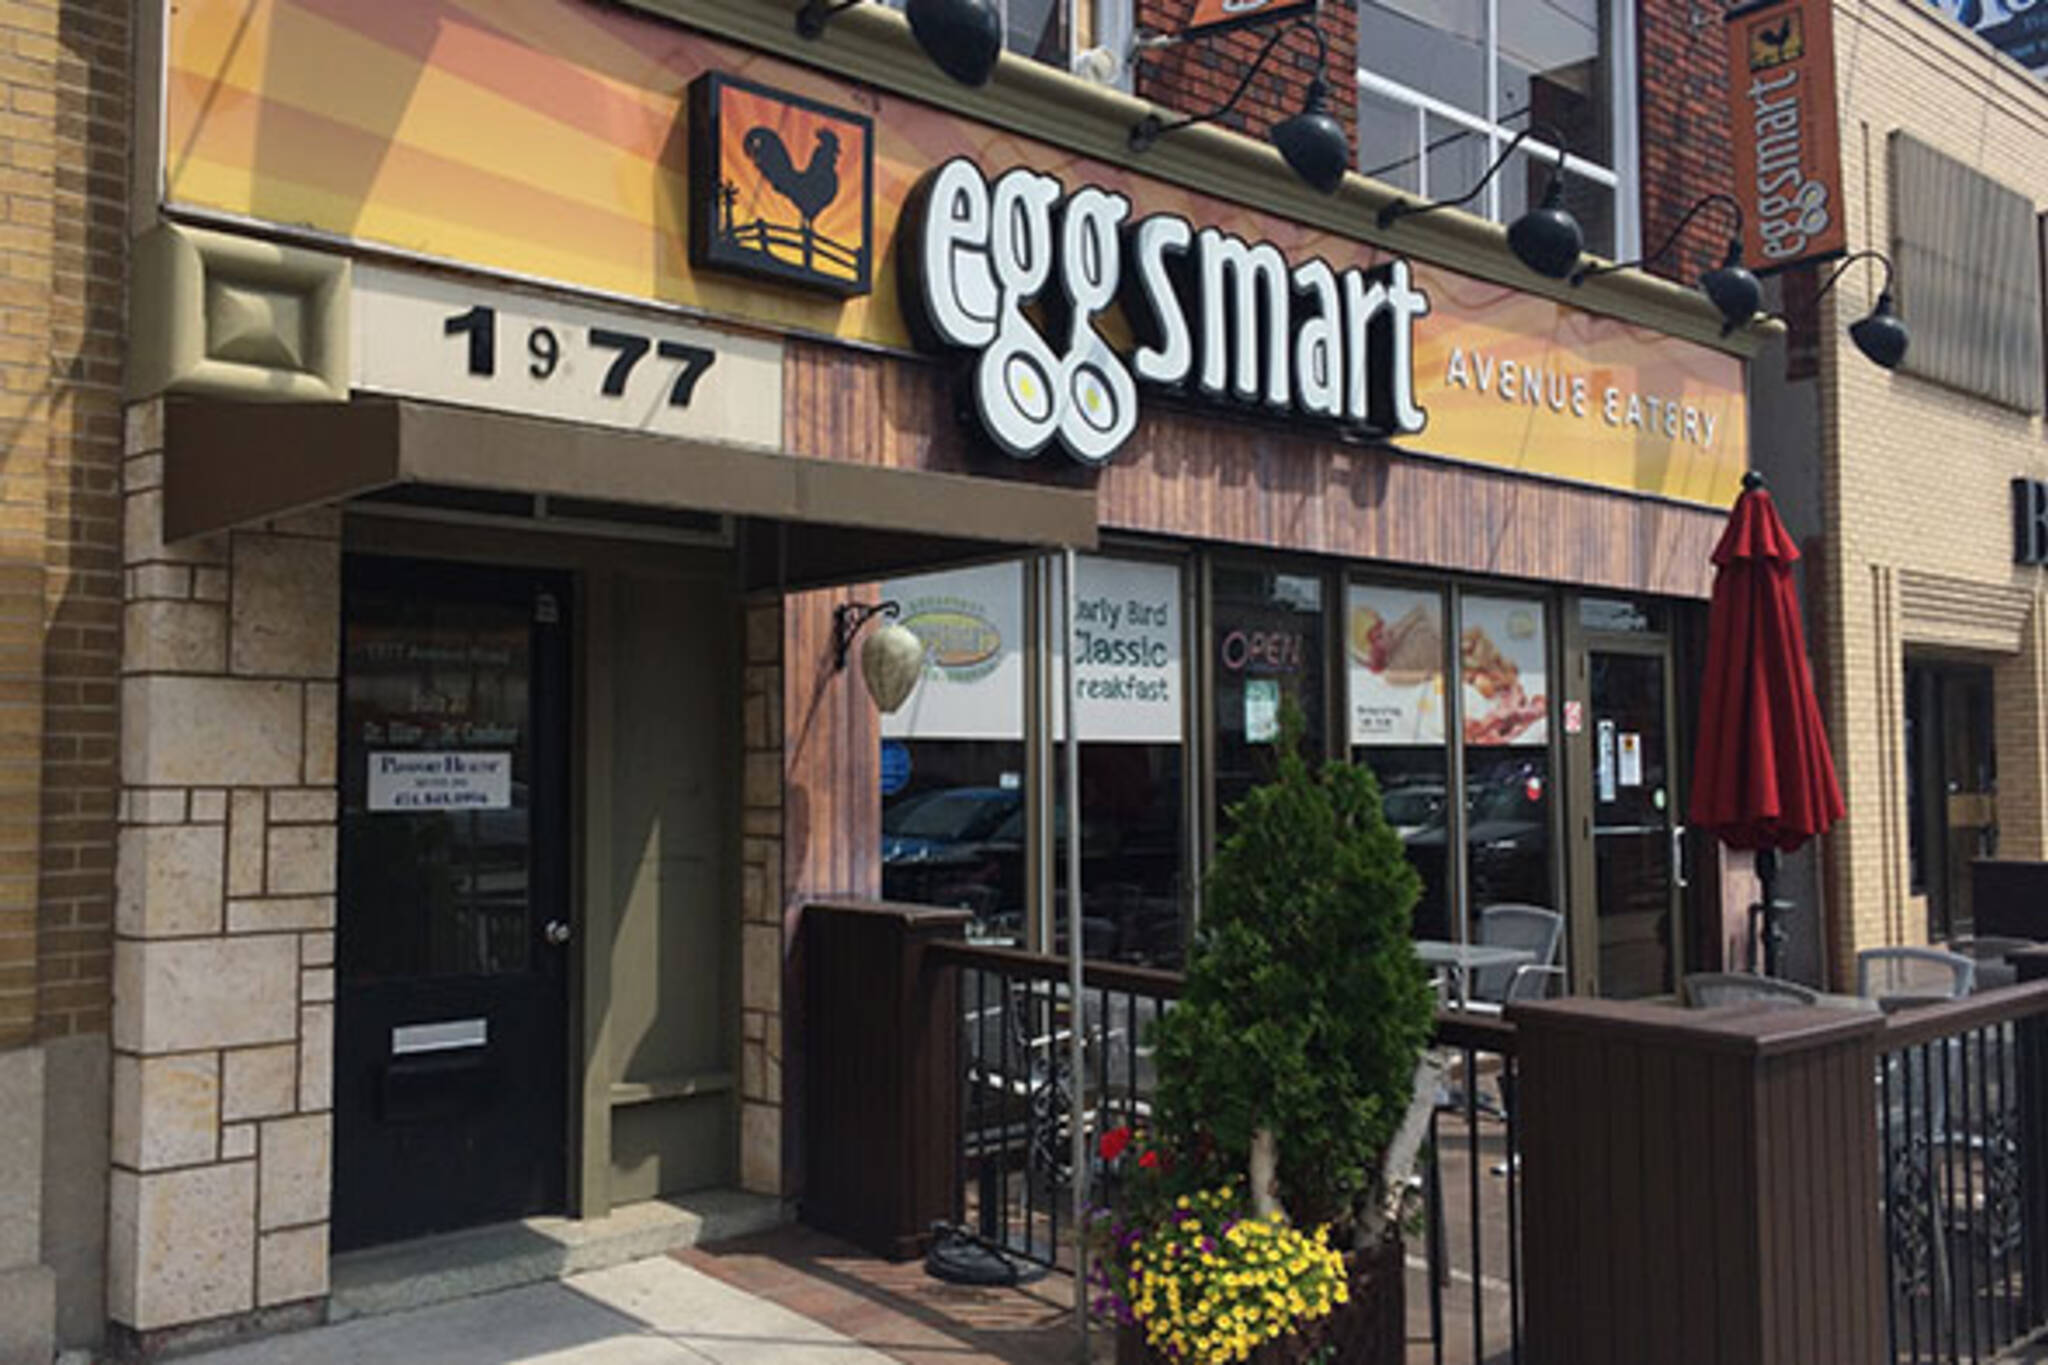 Eggsmart Avenue Toronto